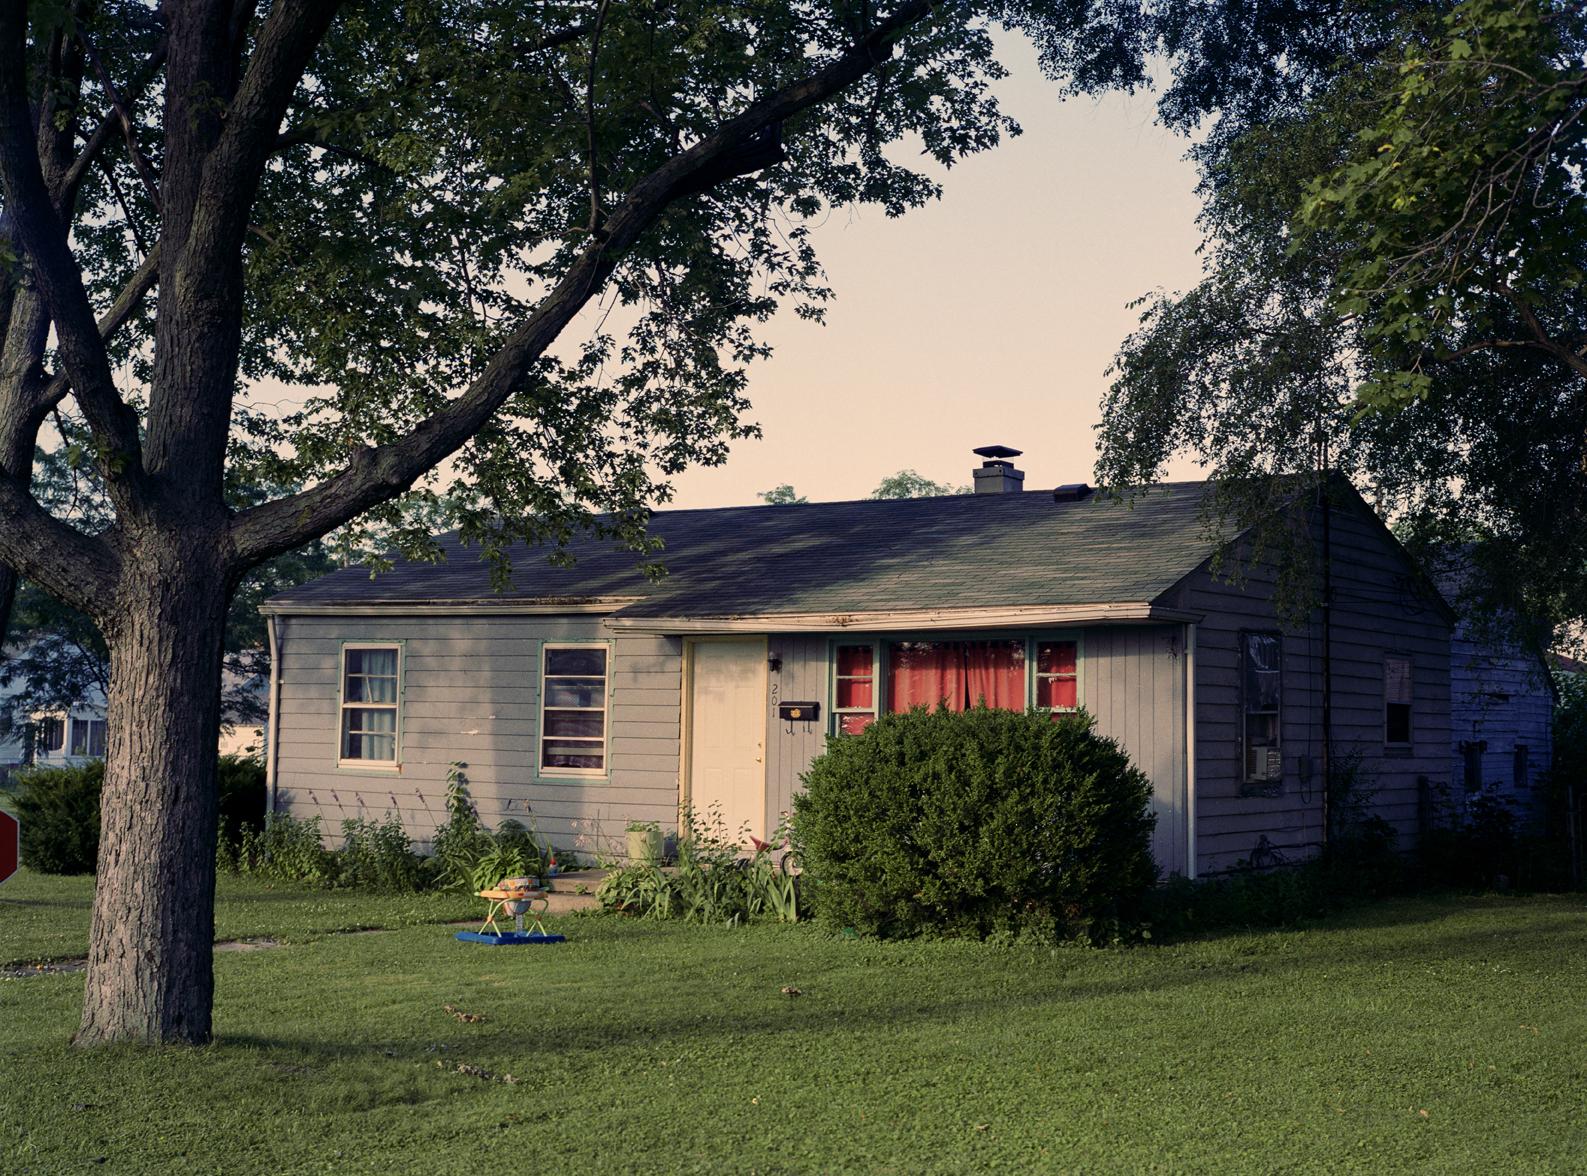 House at Dusk, 2010